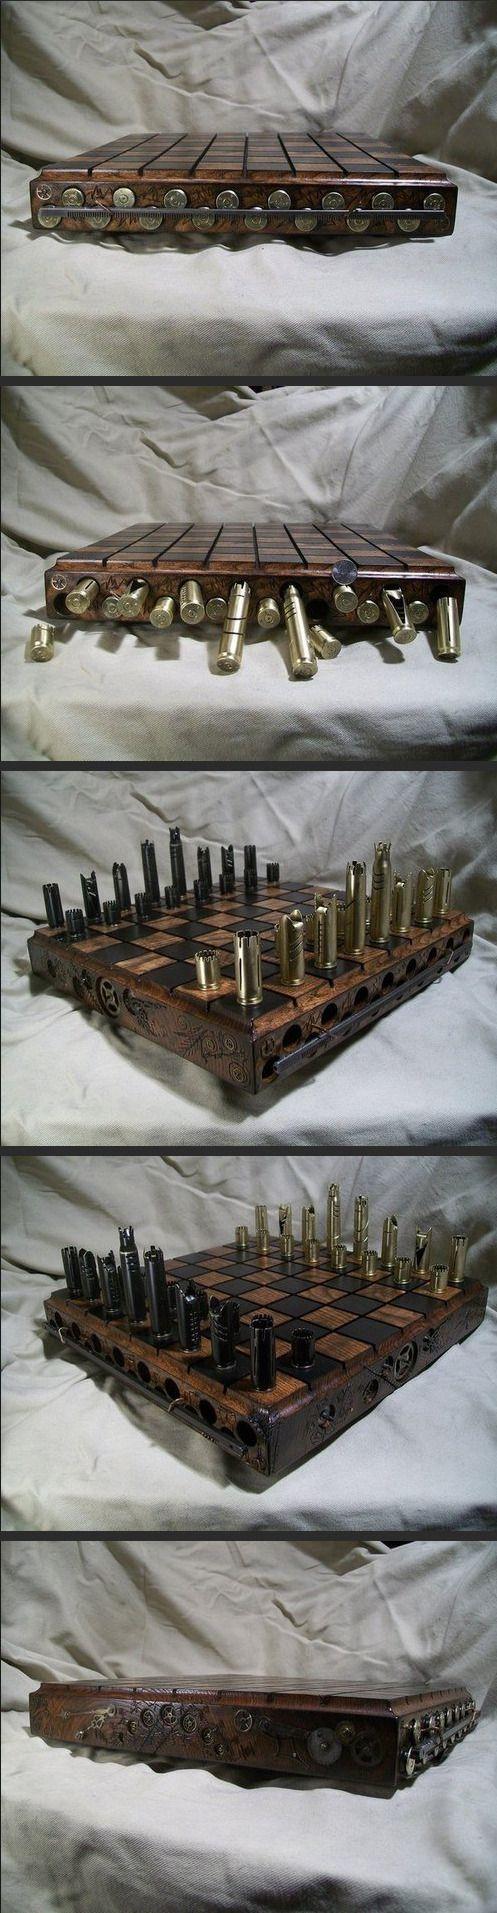 Just A Badass Handmade Chess Set…